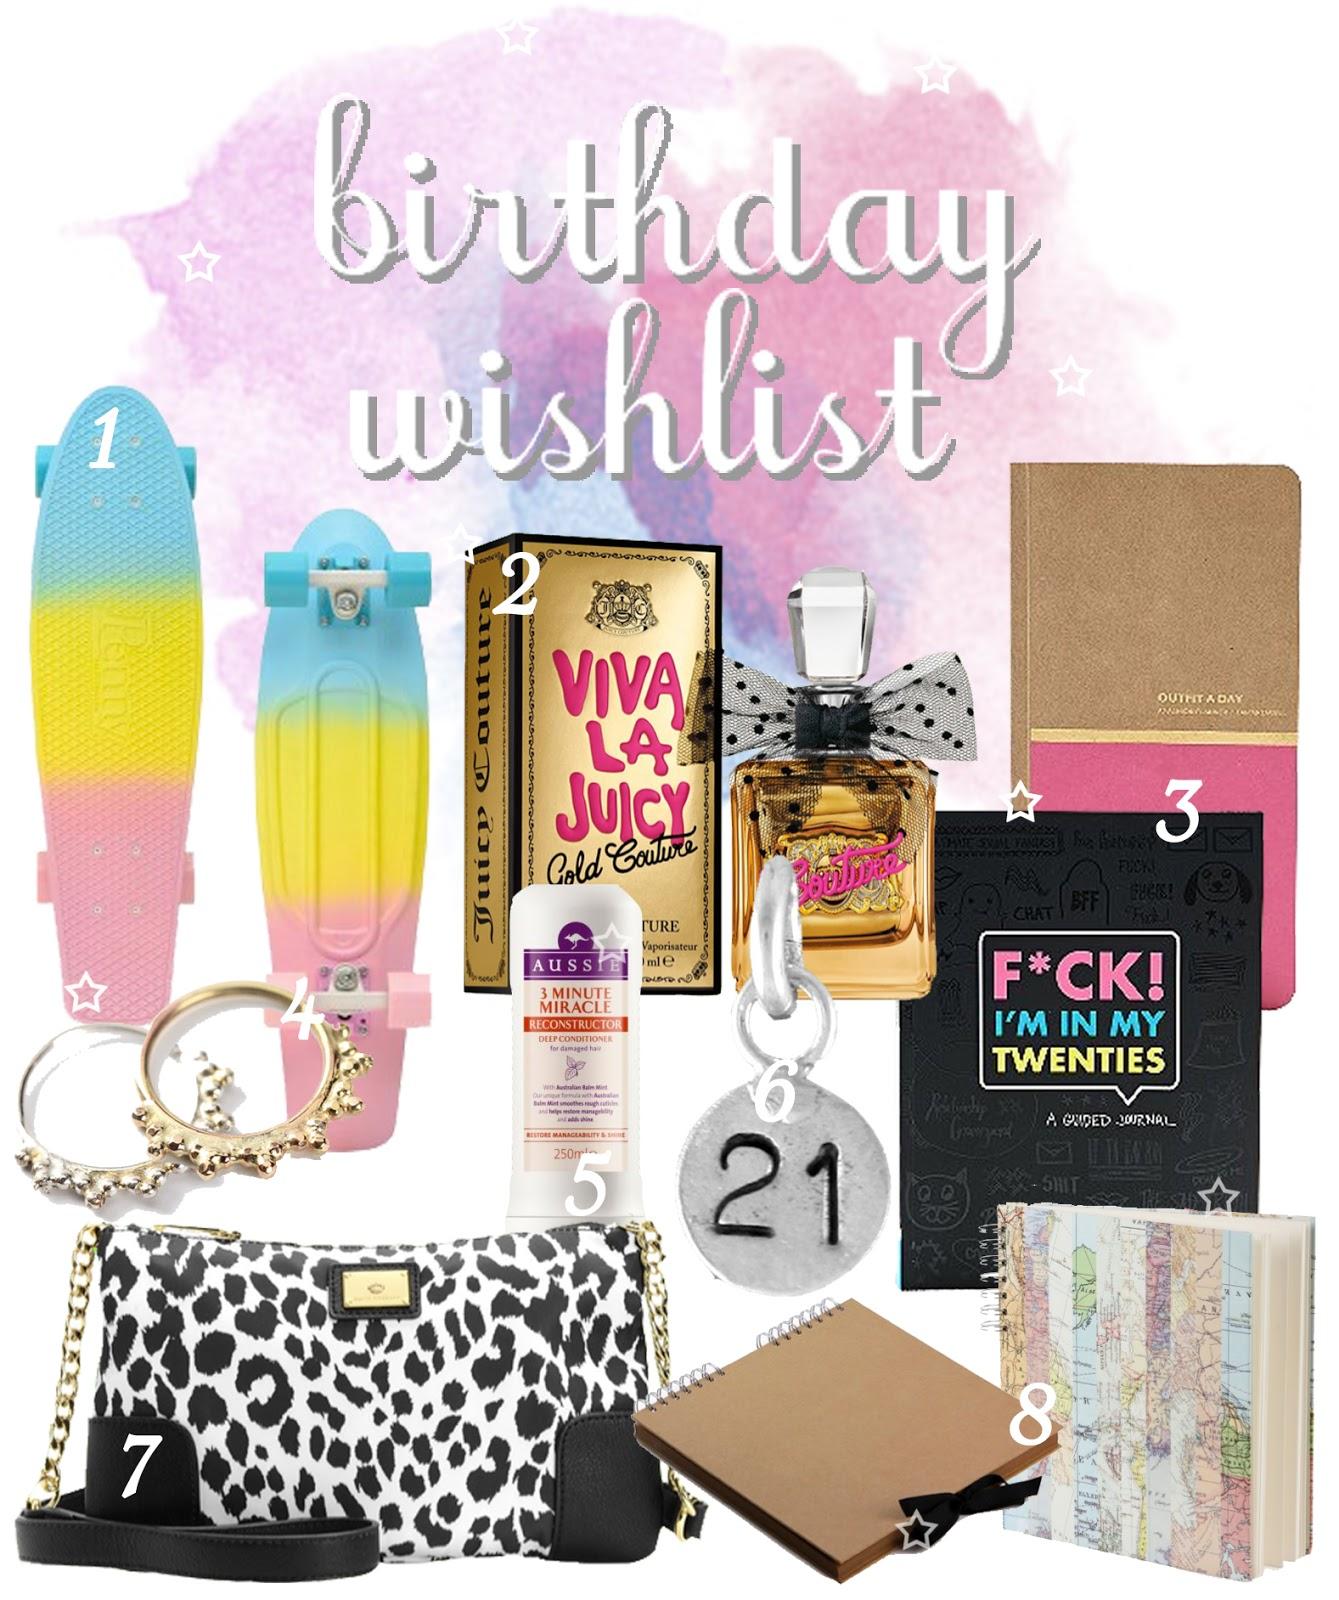 21st Birthday Gift Wish List